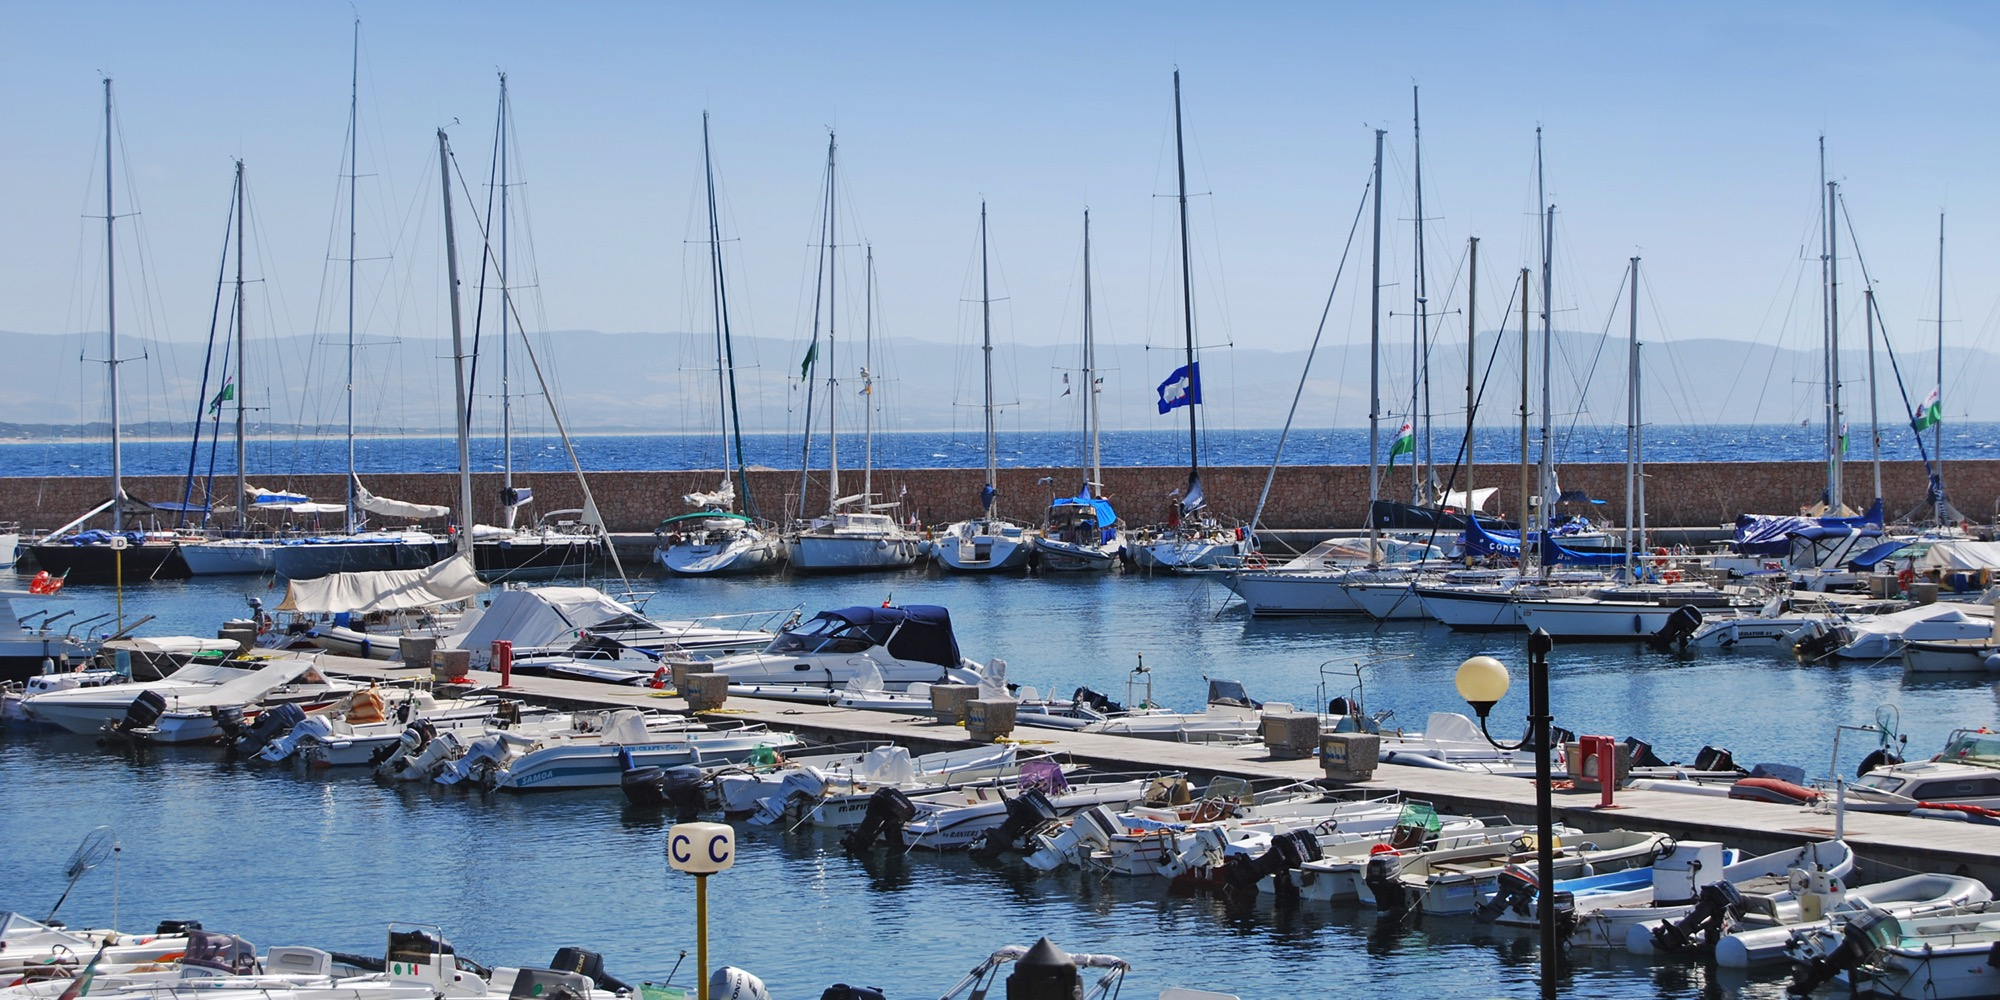 Marina Isola Rossa Sardinia